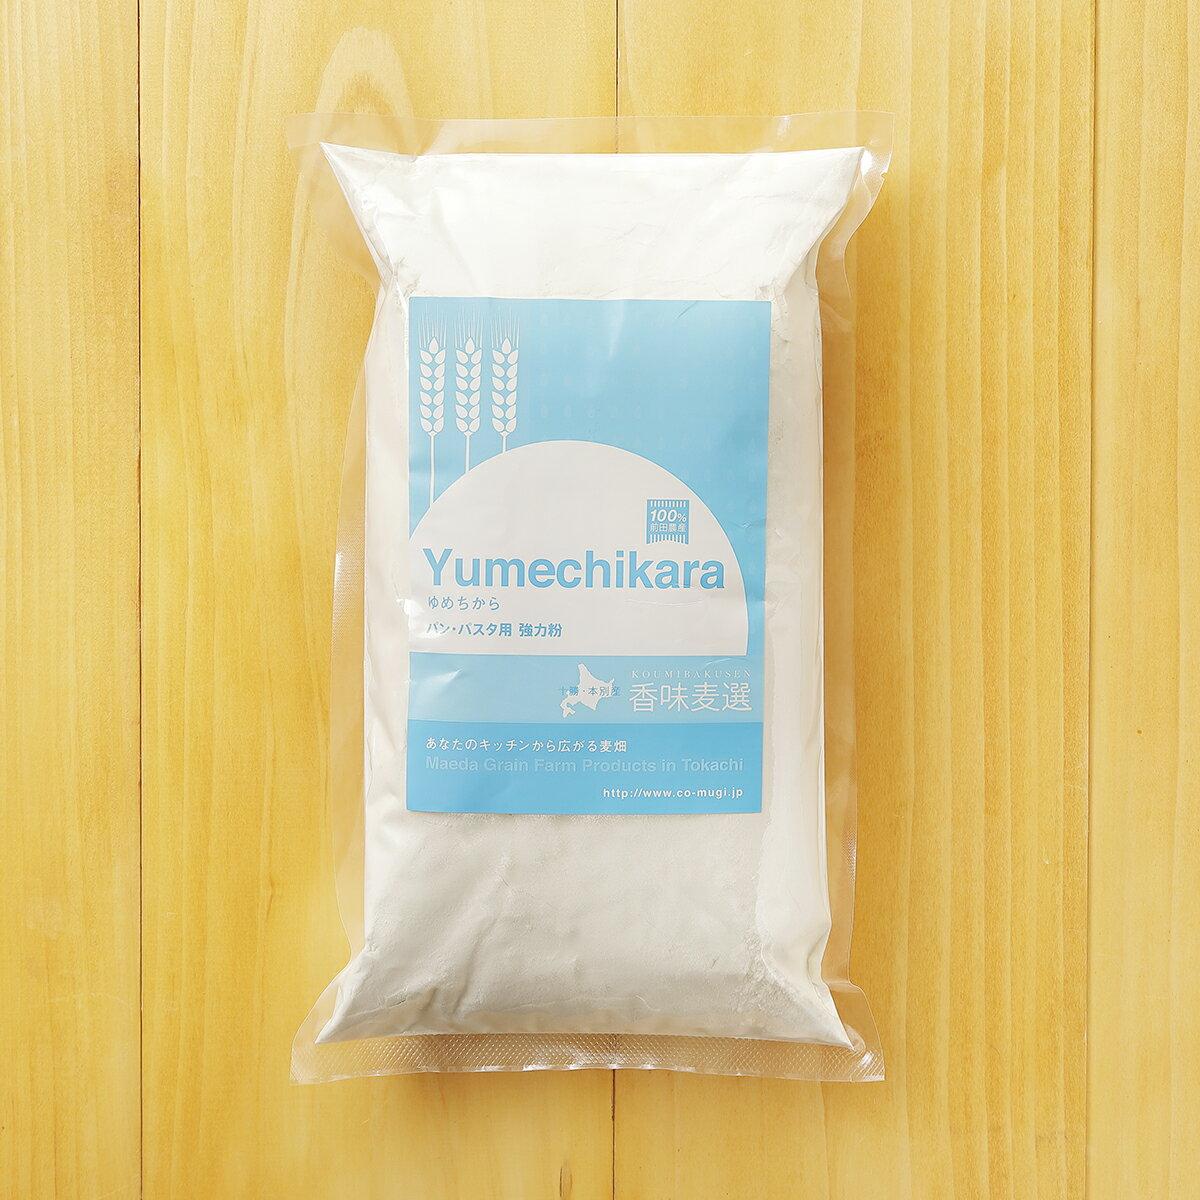 北海道十勝 前田農産パン用小麦粉「ゆめちから」5kg